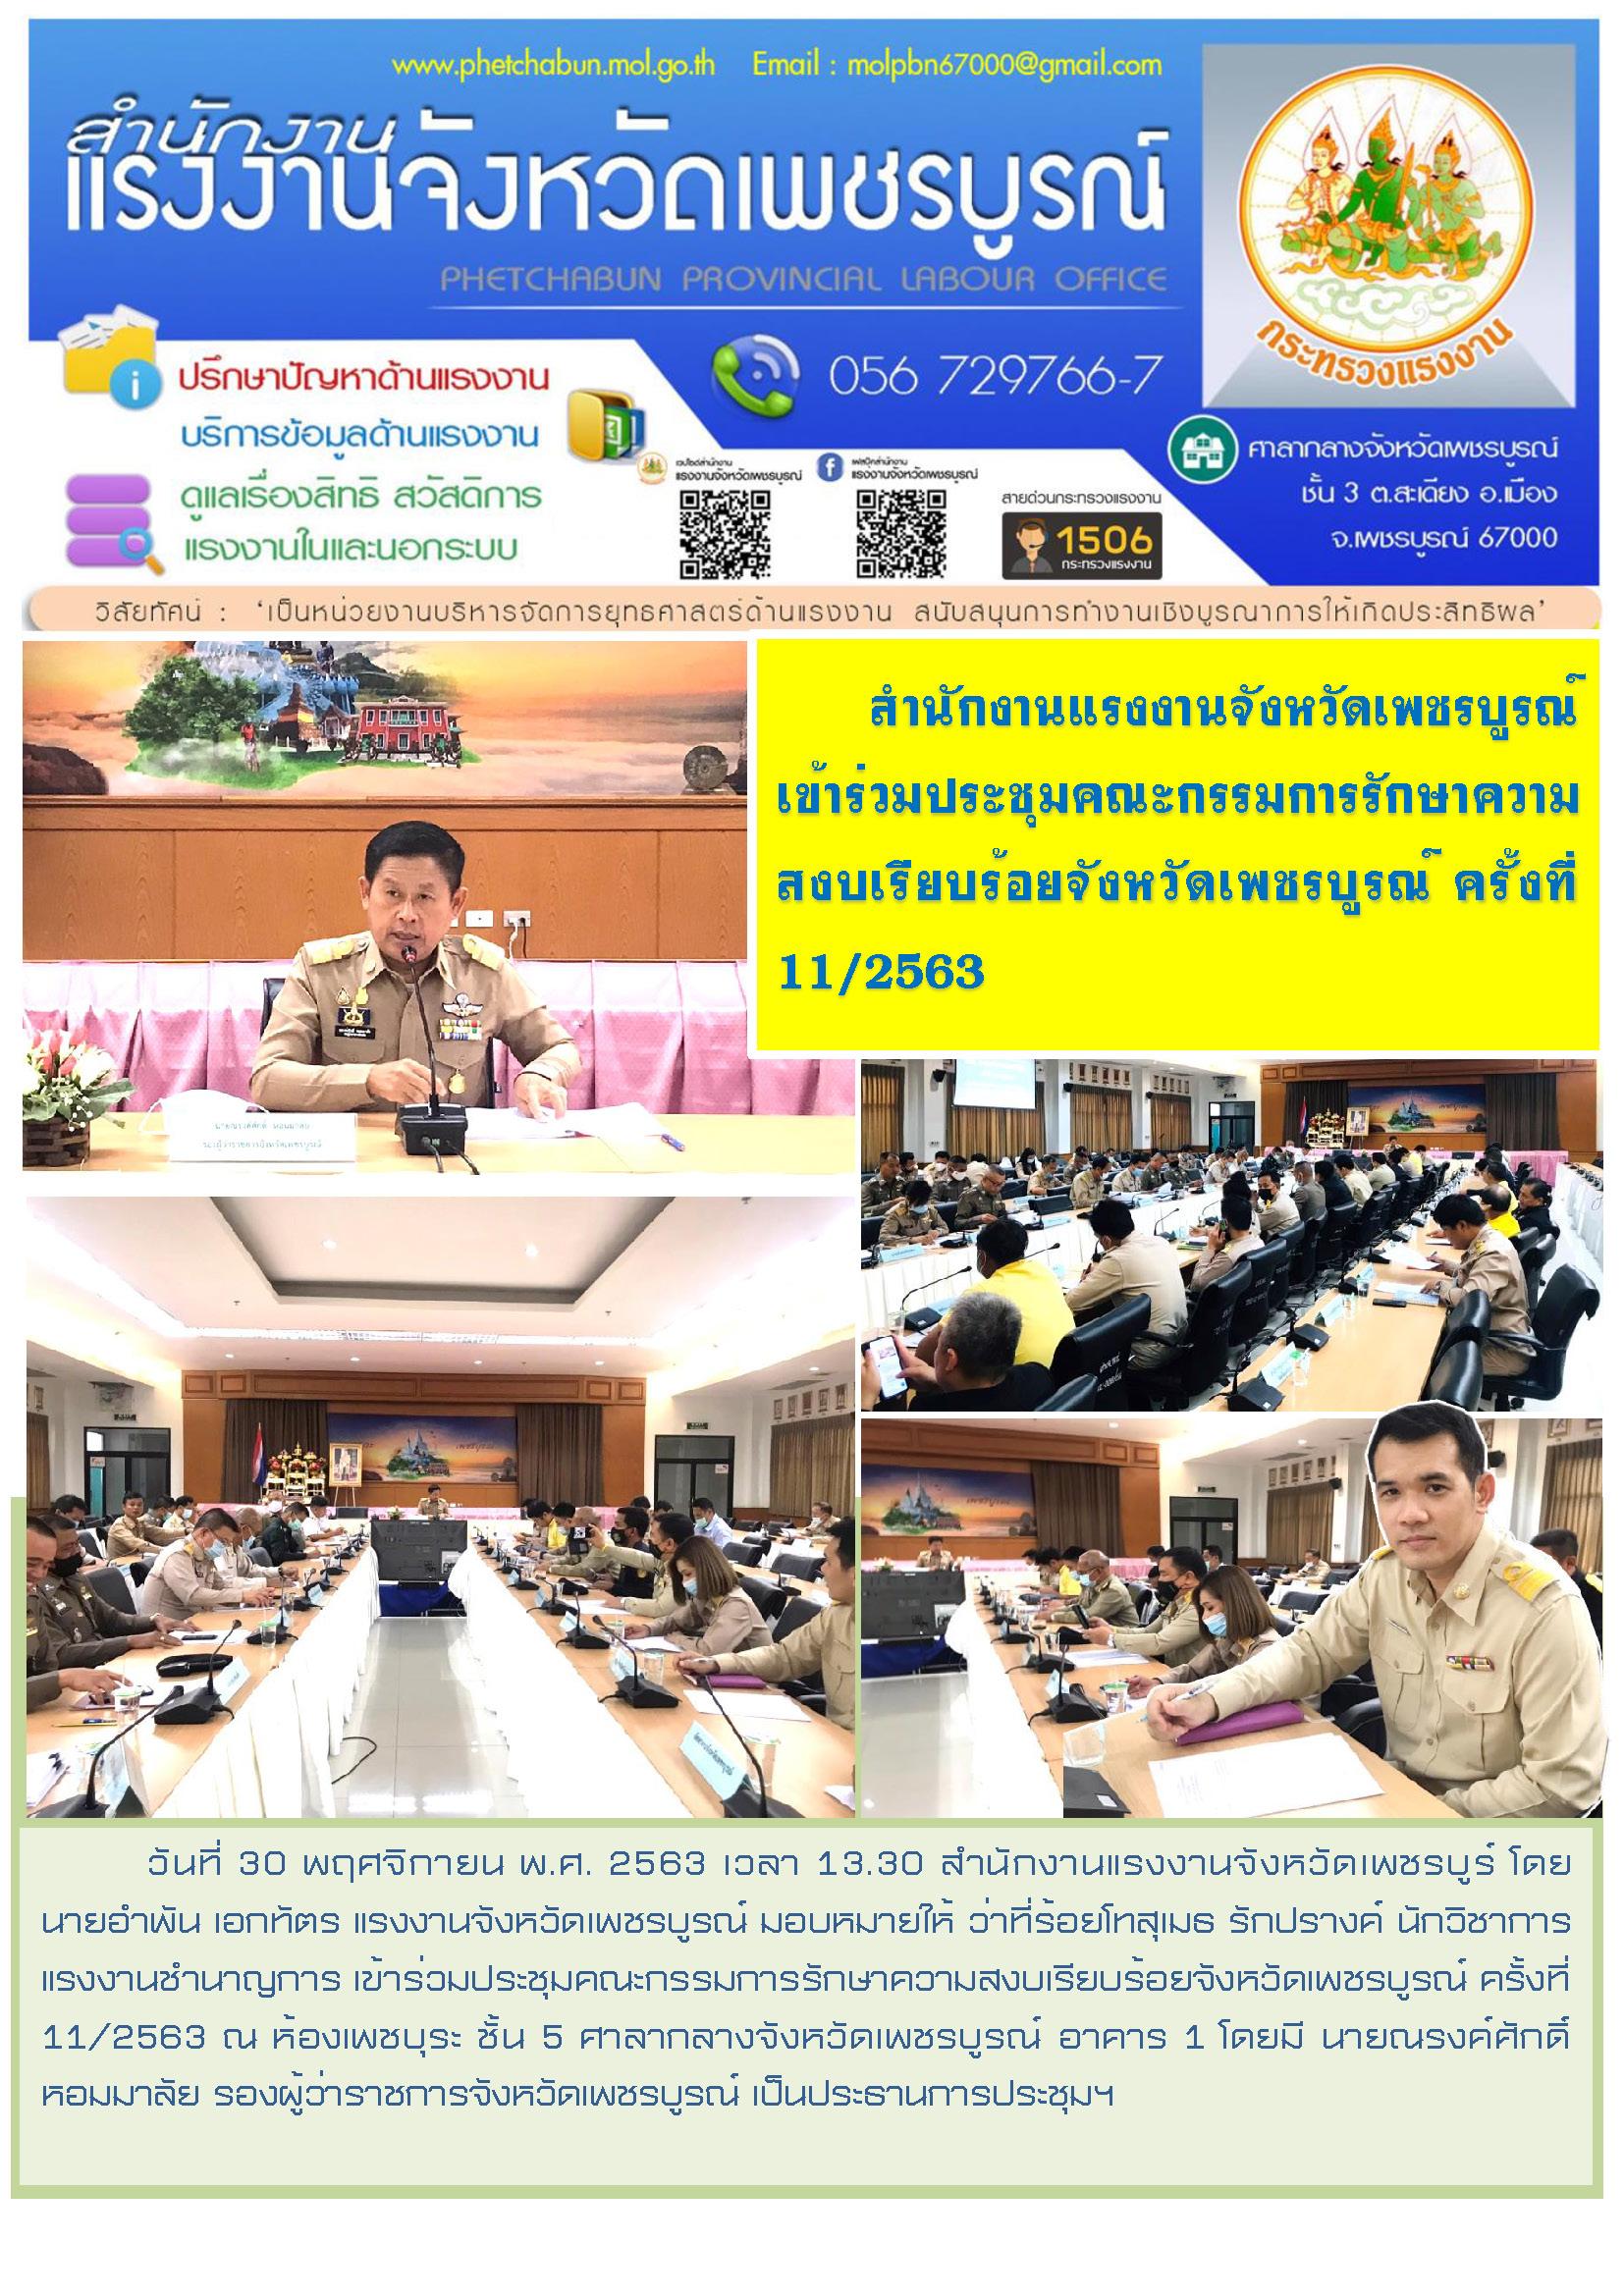 สำนักงานแรงงานจังหวัดเพชรบูรณ์ เข้าร่วมประชุมคณะกรรมการรักษาความสงบเรียบร้อยจังหวัดเพชรบูรณ์ ครั้งที่ 11/2563